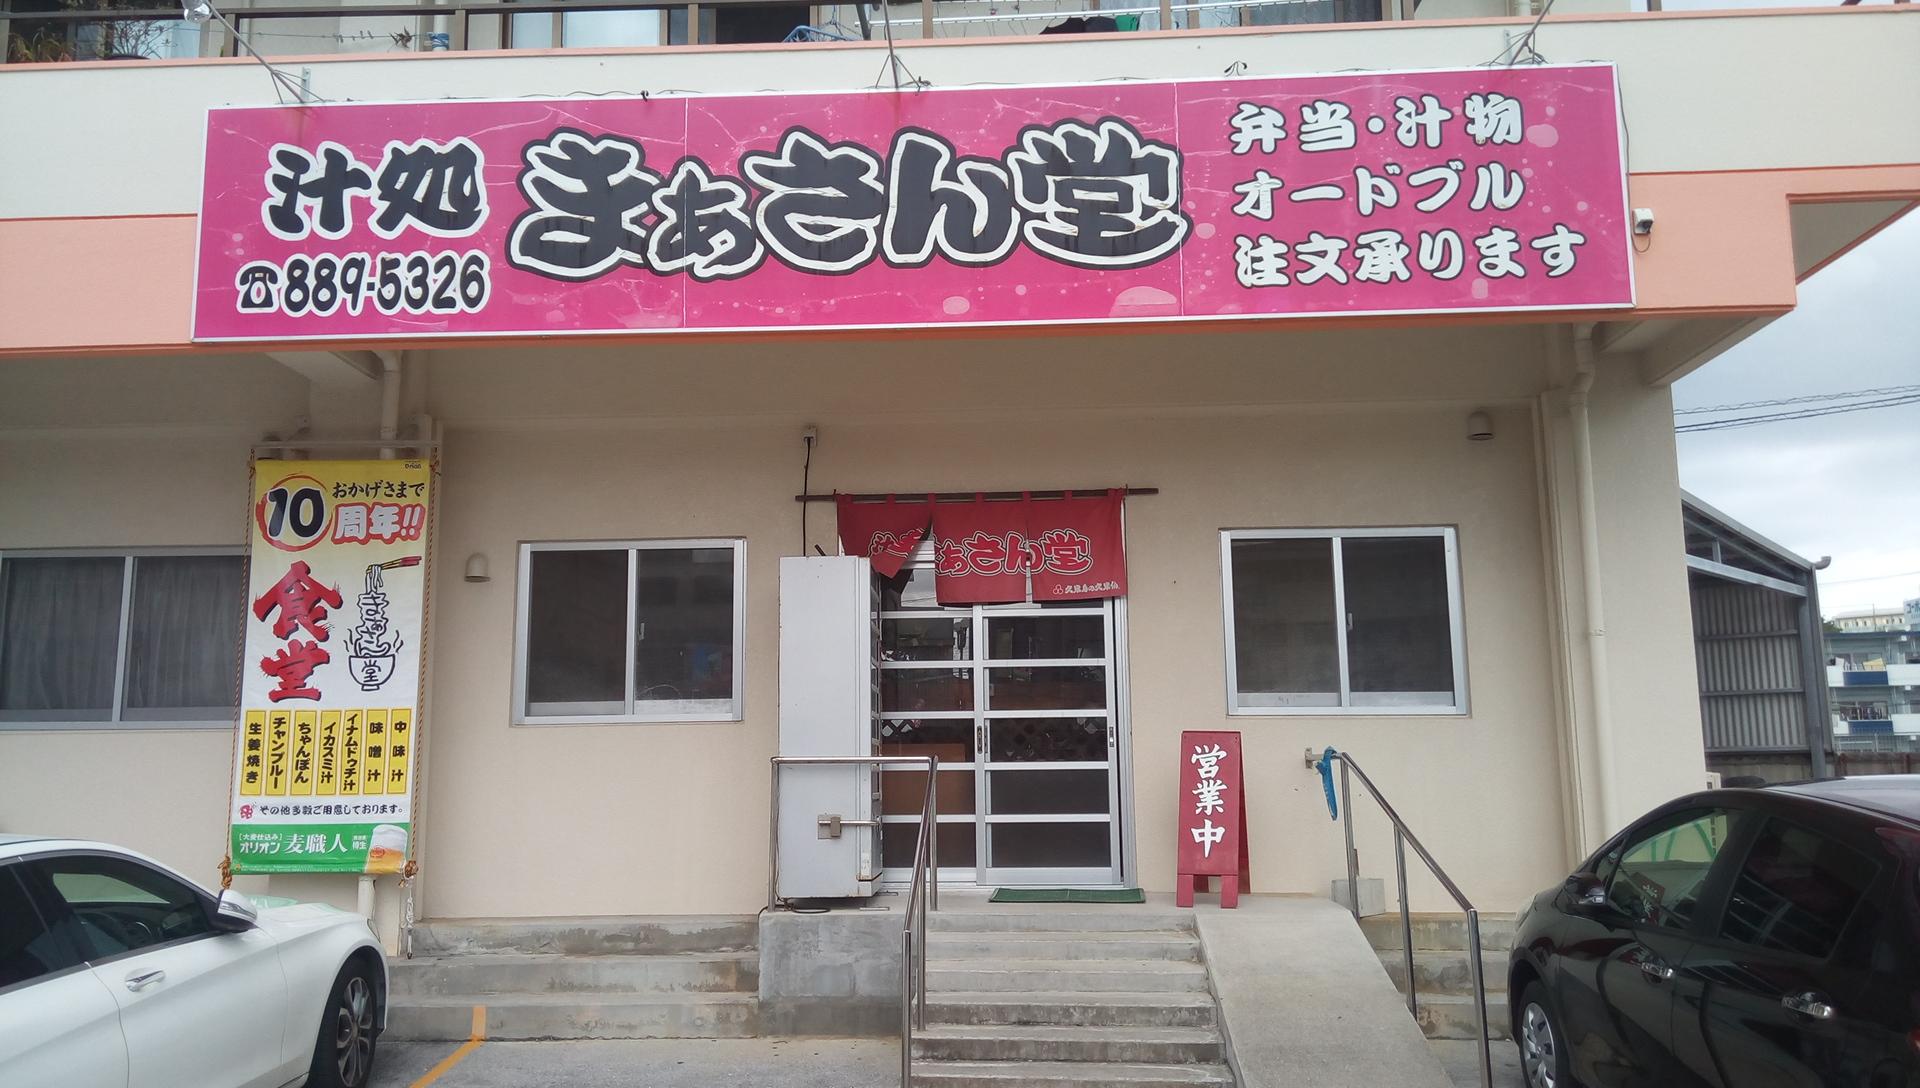 南風原町のまぁさん堂は沖縄独特の汁物料理がボリューム満点でうまい‼